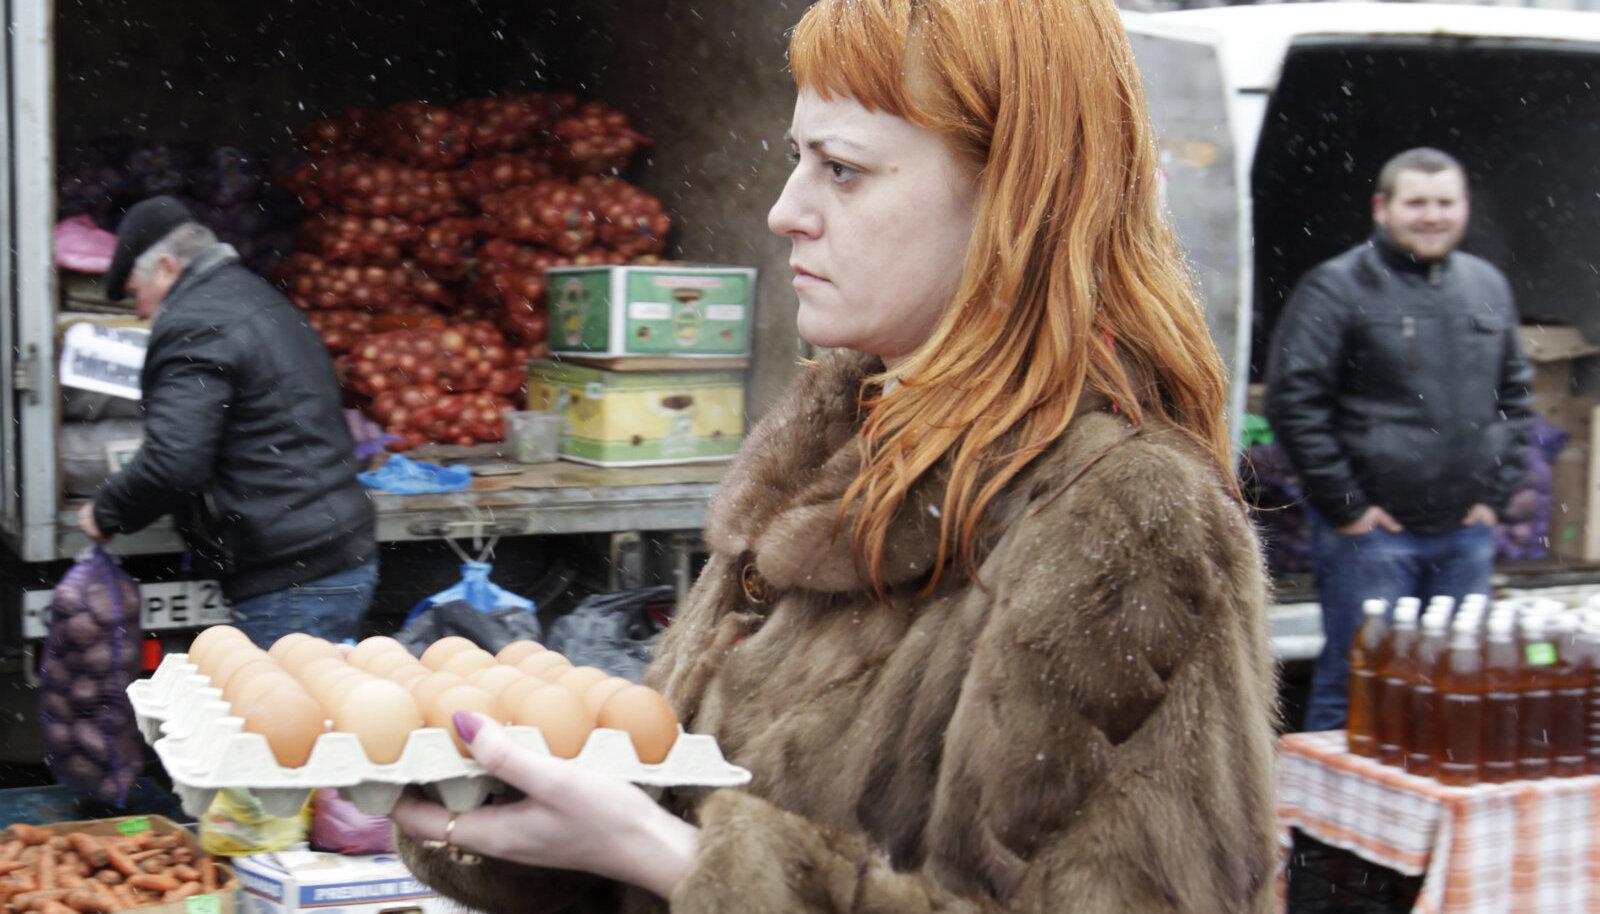 Venemaa toiduhindade tõus muutis teema Venemaa presidendi Vladimir Putini jaoks tundlikuks teemaks, mille tõttu võib Venemaa muuta nisu eksporti kallimaks